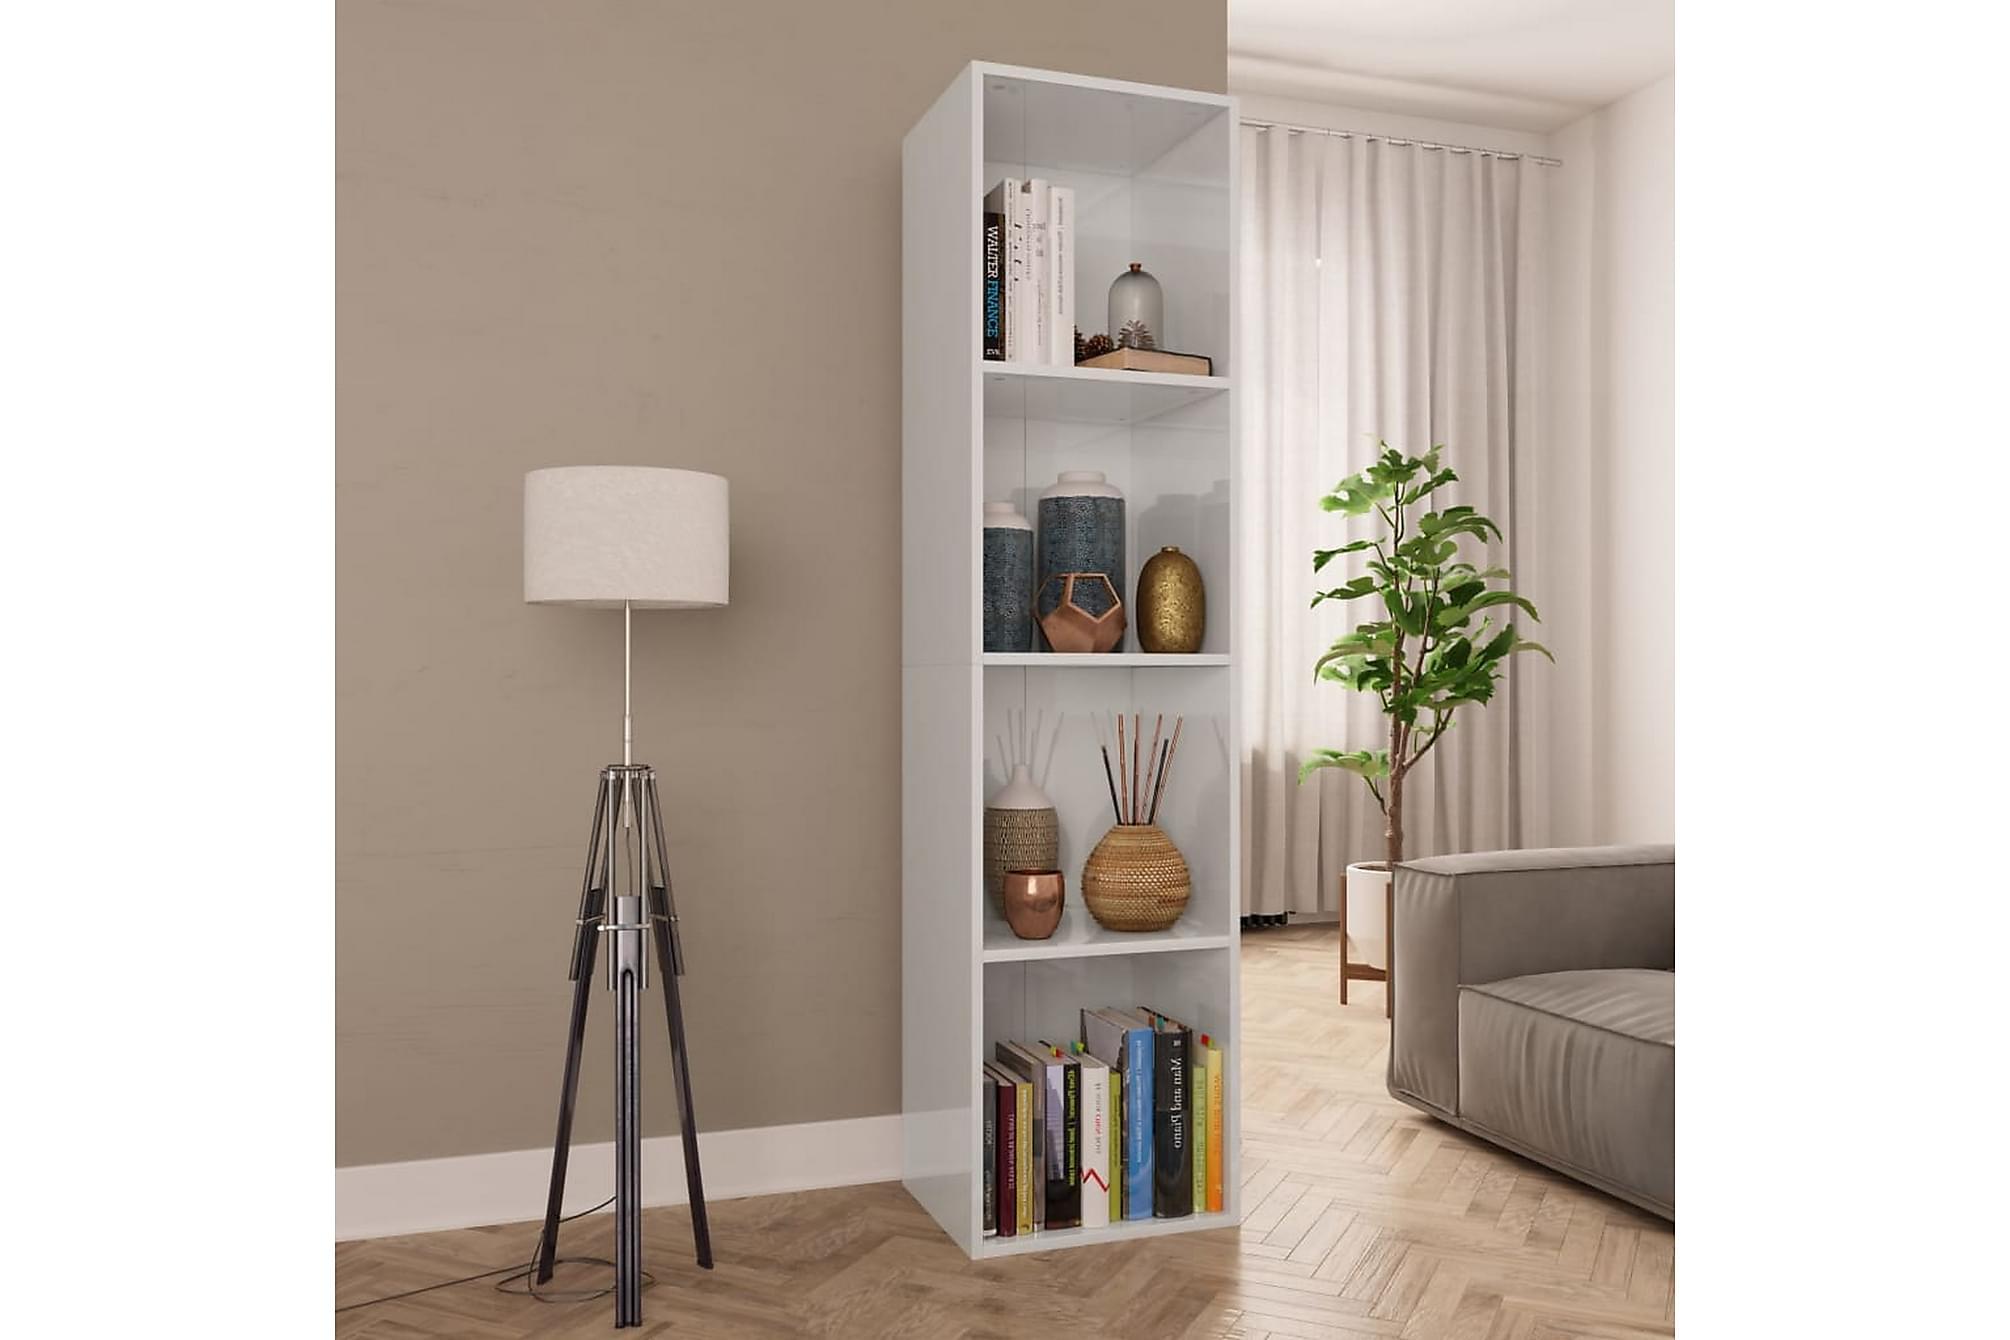 Bokhylla/TV-bänk vit högglans 36x30x143 cm spånskiva, Tv-bänkar